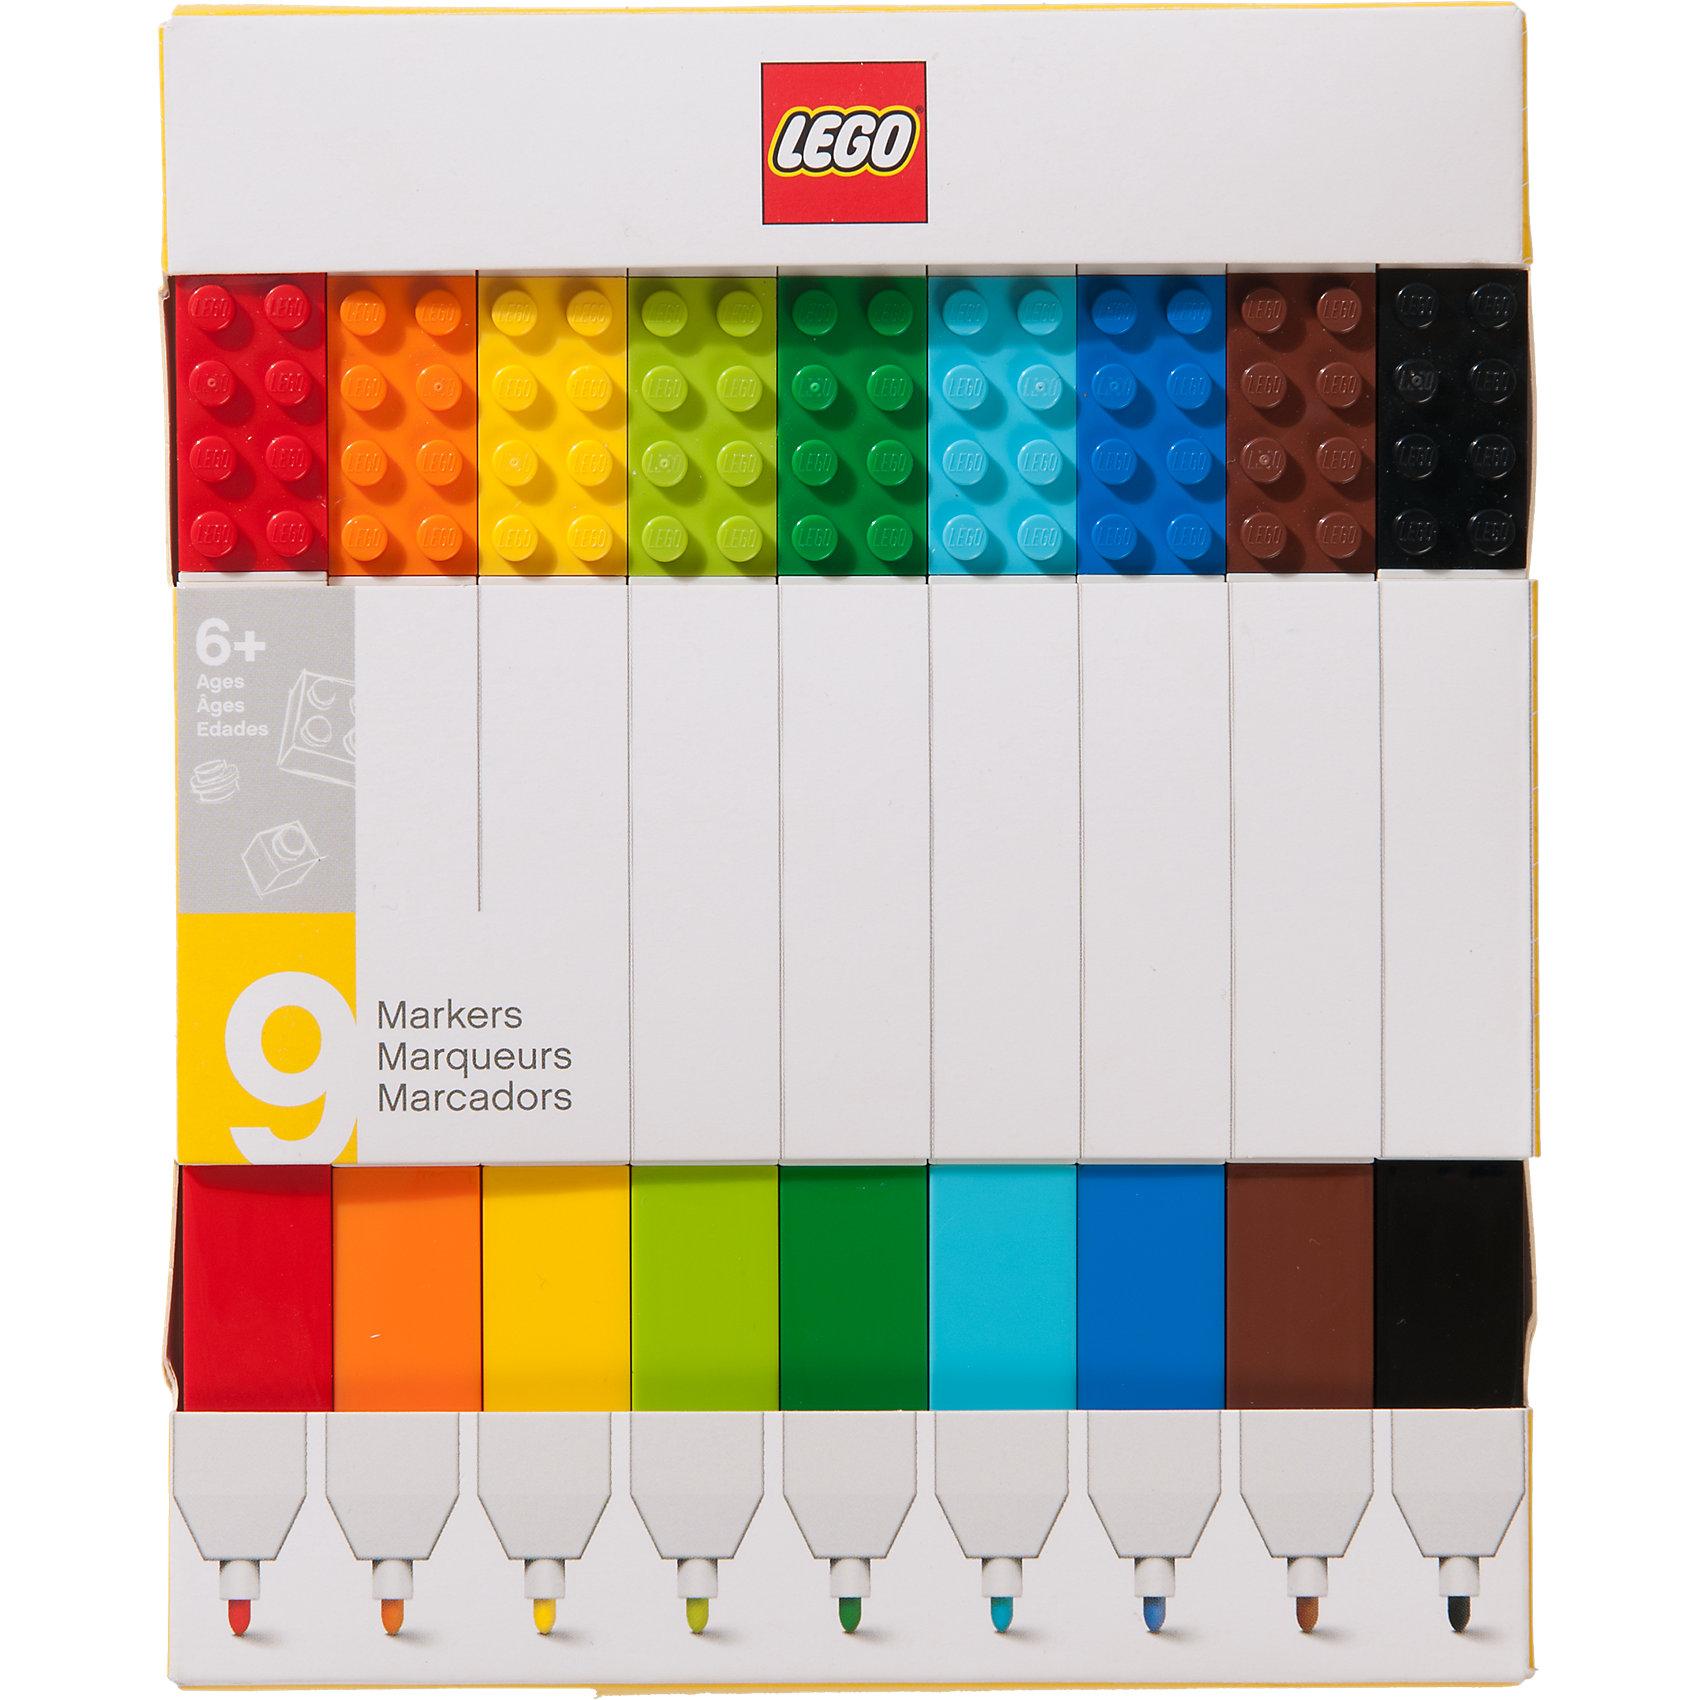 Набор цветных маркеров, 9 шт., LEGOПисьменные принадлежности<br>Набор маркеров из уникальной коллекции канцелярских принадлежностей LEGO состоит из 9-ти маркеров (цвета: красный, оранжевый, желтый, салатовый, зеленый, голубой, синий, коричневый, чёрный). Стержень маркера имеет закругленную форму, делая его безопасным для детей. Легко смываются с одежды и рук, изготовлены из экологически чистых материалов.<br><br>Ширина мм: 184<br>Глубина мм: 147<br>Высота мм: 22<br>Вес г: 149<br>Возраст от месяцев: 60<br>Возраст до месяцев: 144<br>Пол: Унисекс<br>Возраст: Детский<br>SKU: 5087582